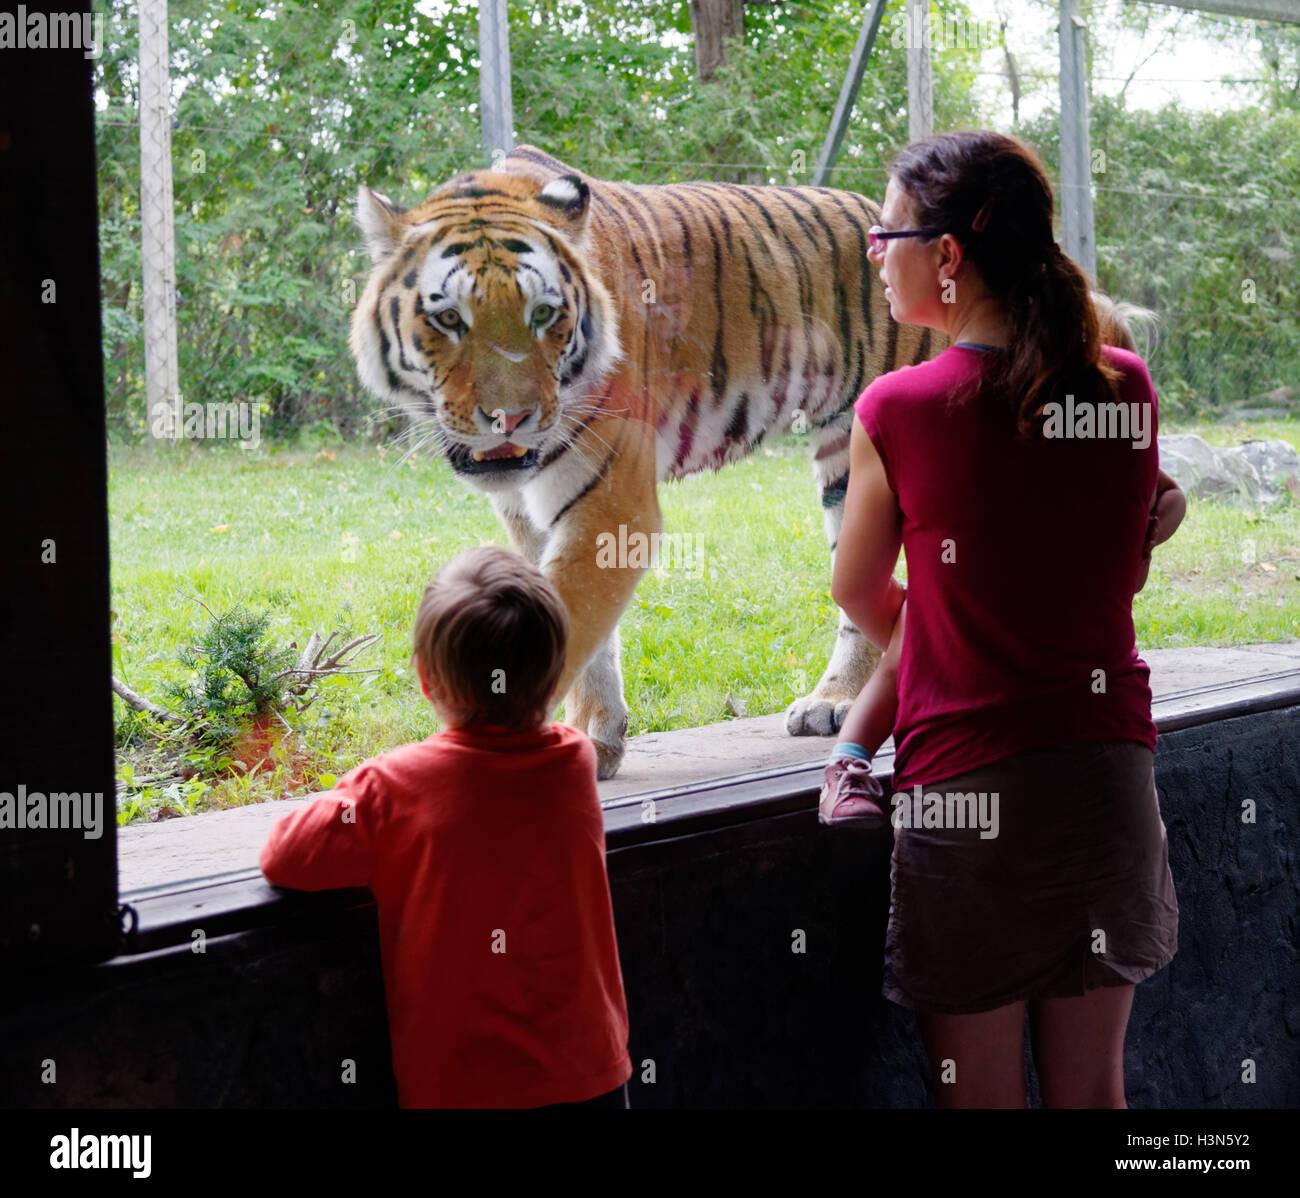 Le tigre de Sibérie au Zoo de Granby voir les gens derrière la vitre, Québec, Canada Photo Stock